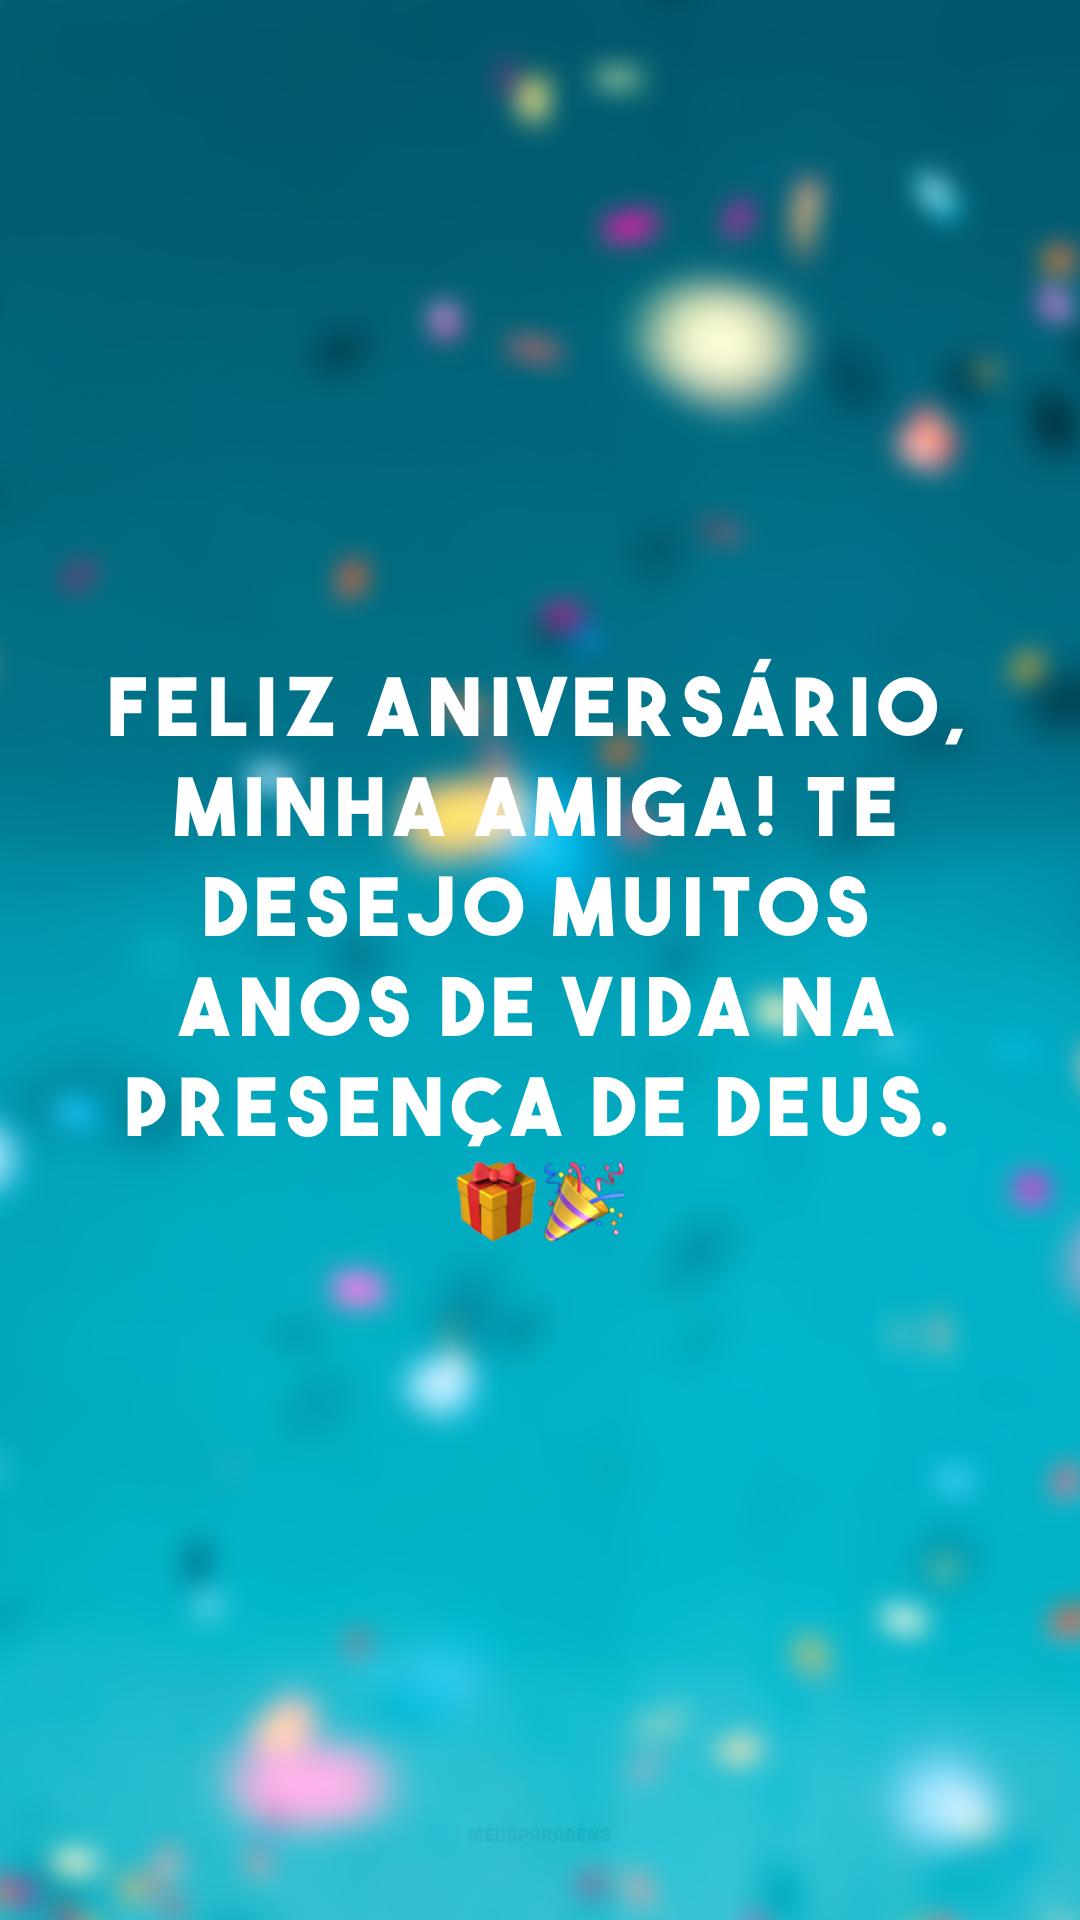 Feliz aniversário, minha amiga! Te desejo muitos anos de vida na presença de Deus. ??